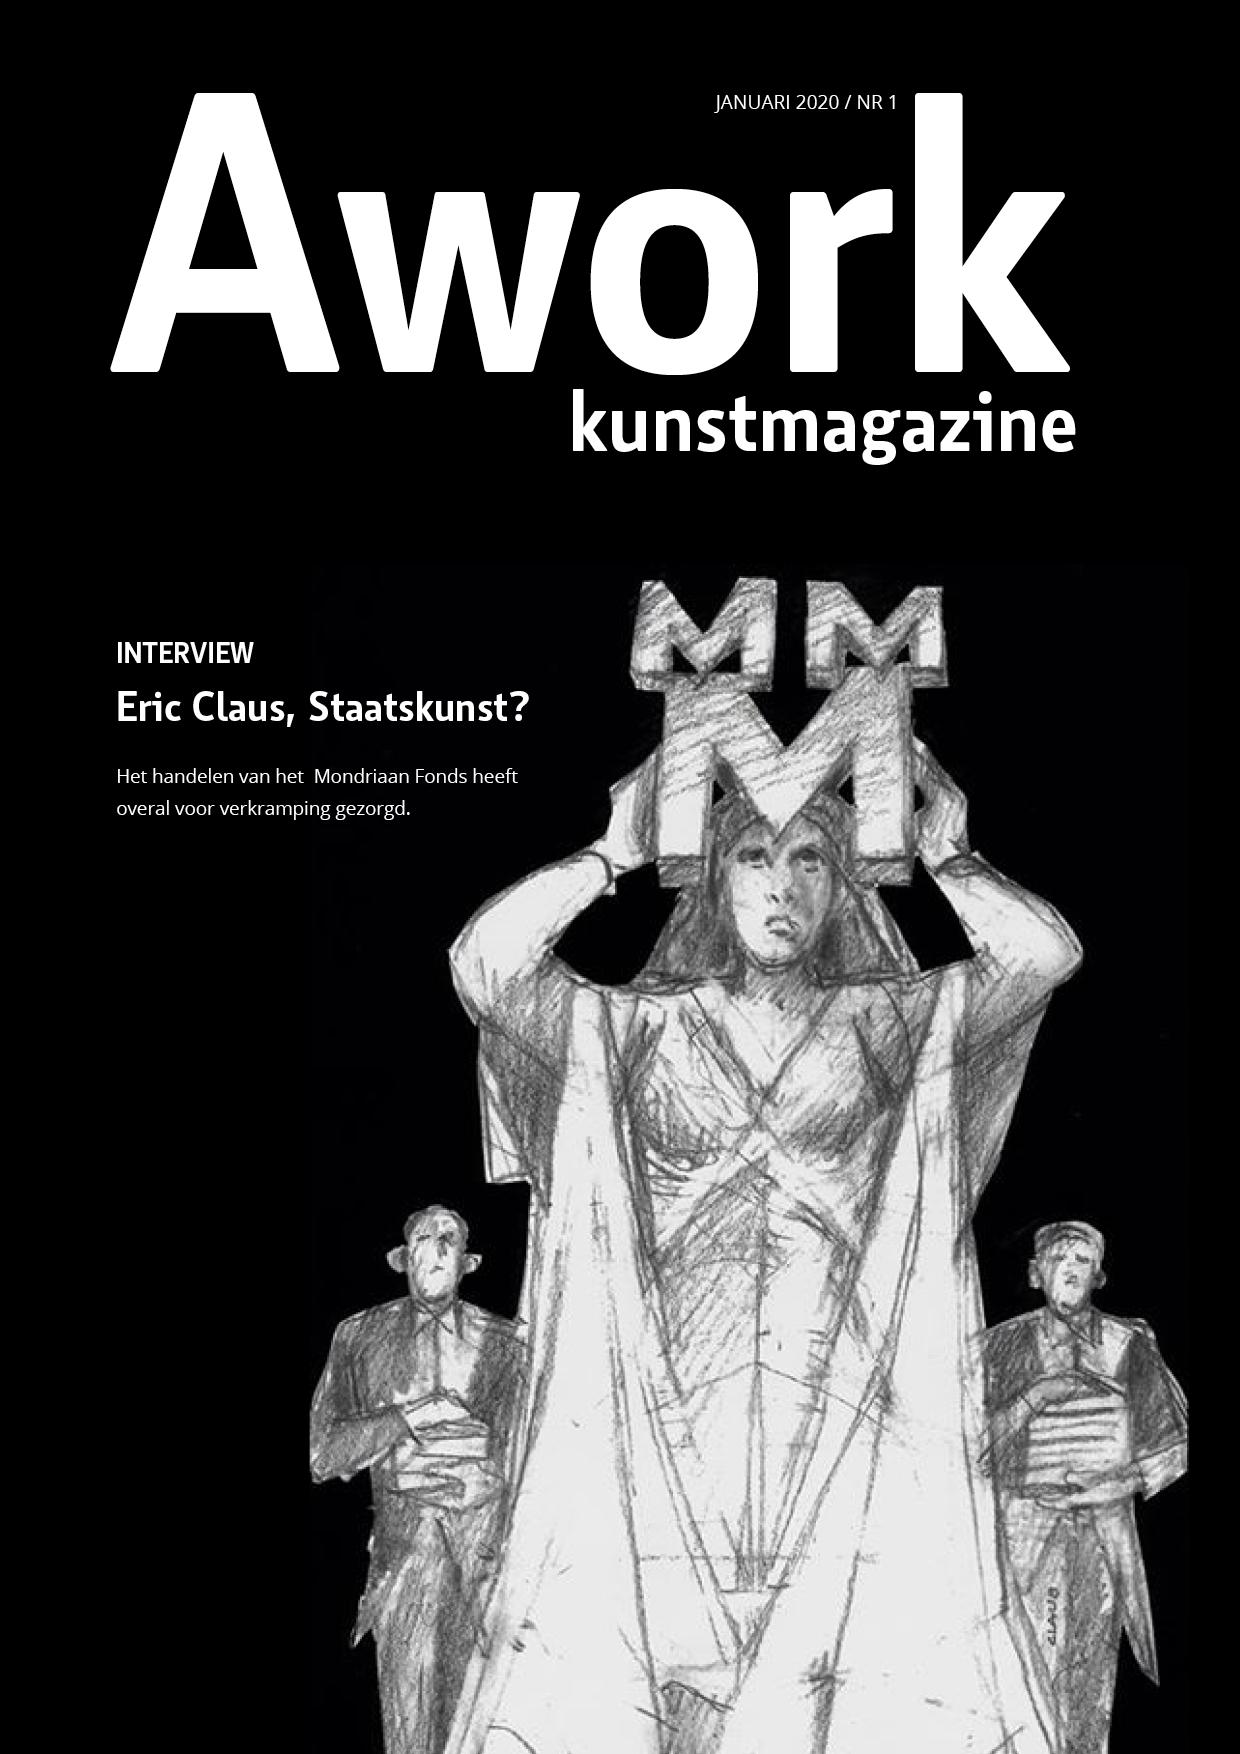 Magazine laten ontwerpen door Dickhoff Design - Eric Claus